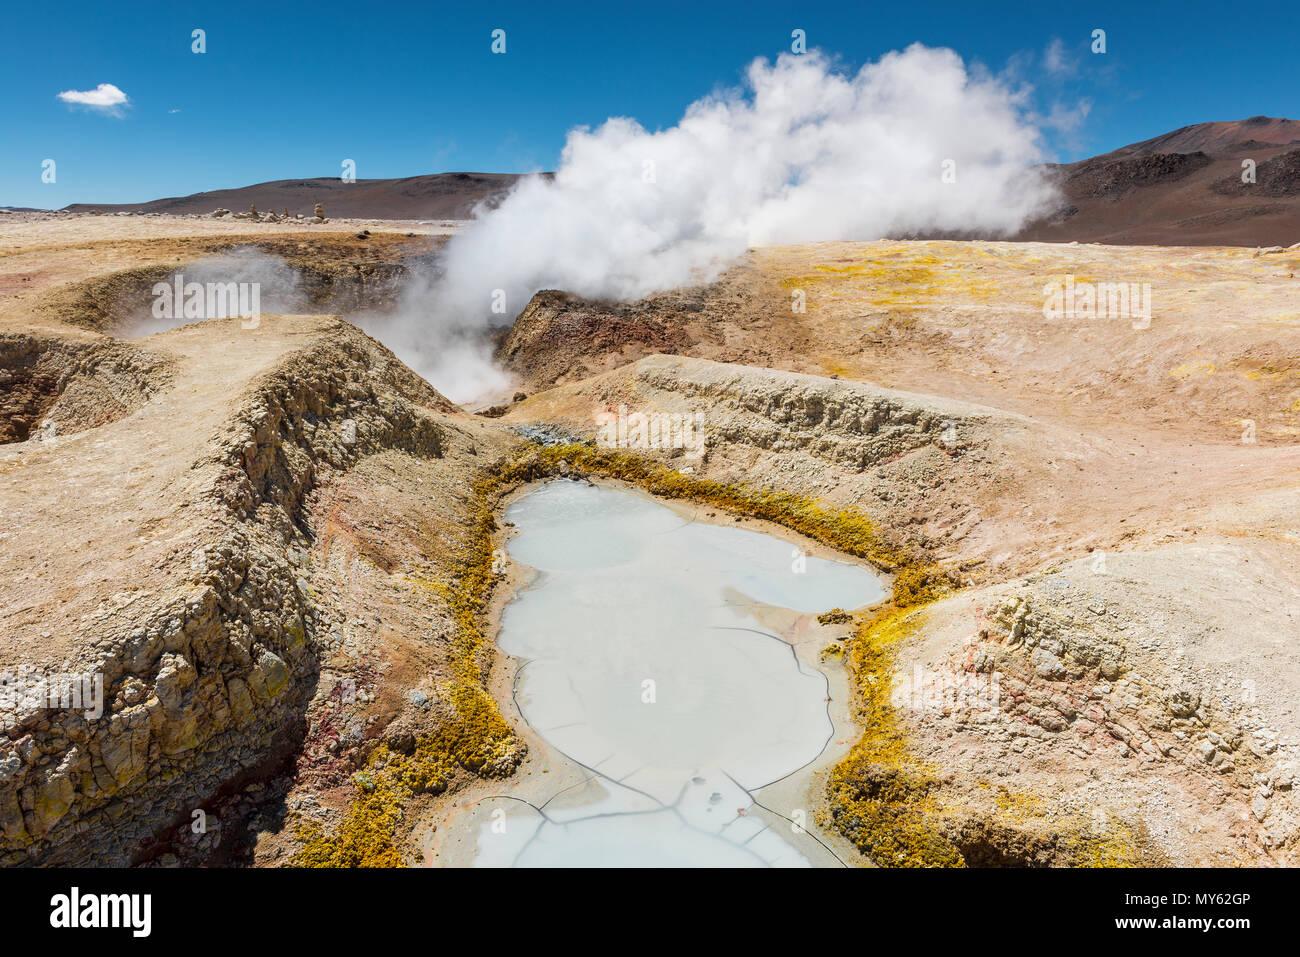 L'attività vulcanica del Sol de Mañana in Bolivia tra il Cile e il sale di Uyuni piatto. Fango box e fumarole con vapore acqueo sentieri nelle Ande. Immagini Stock